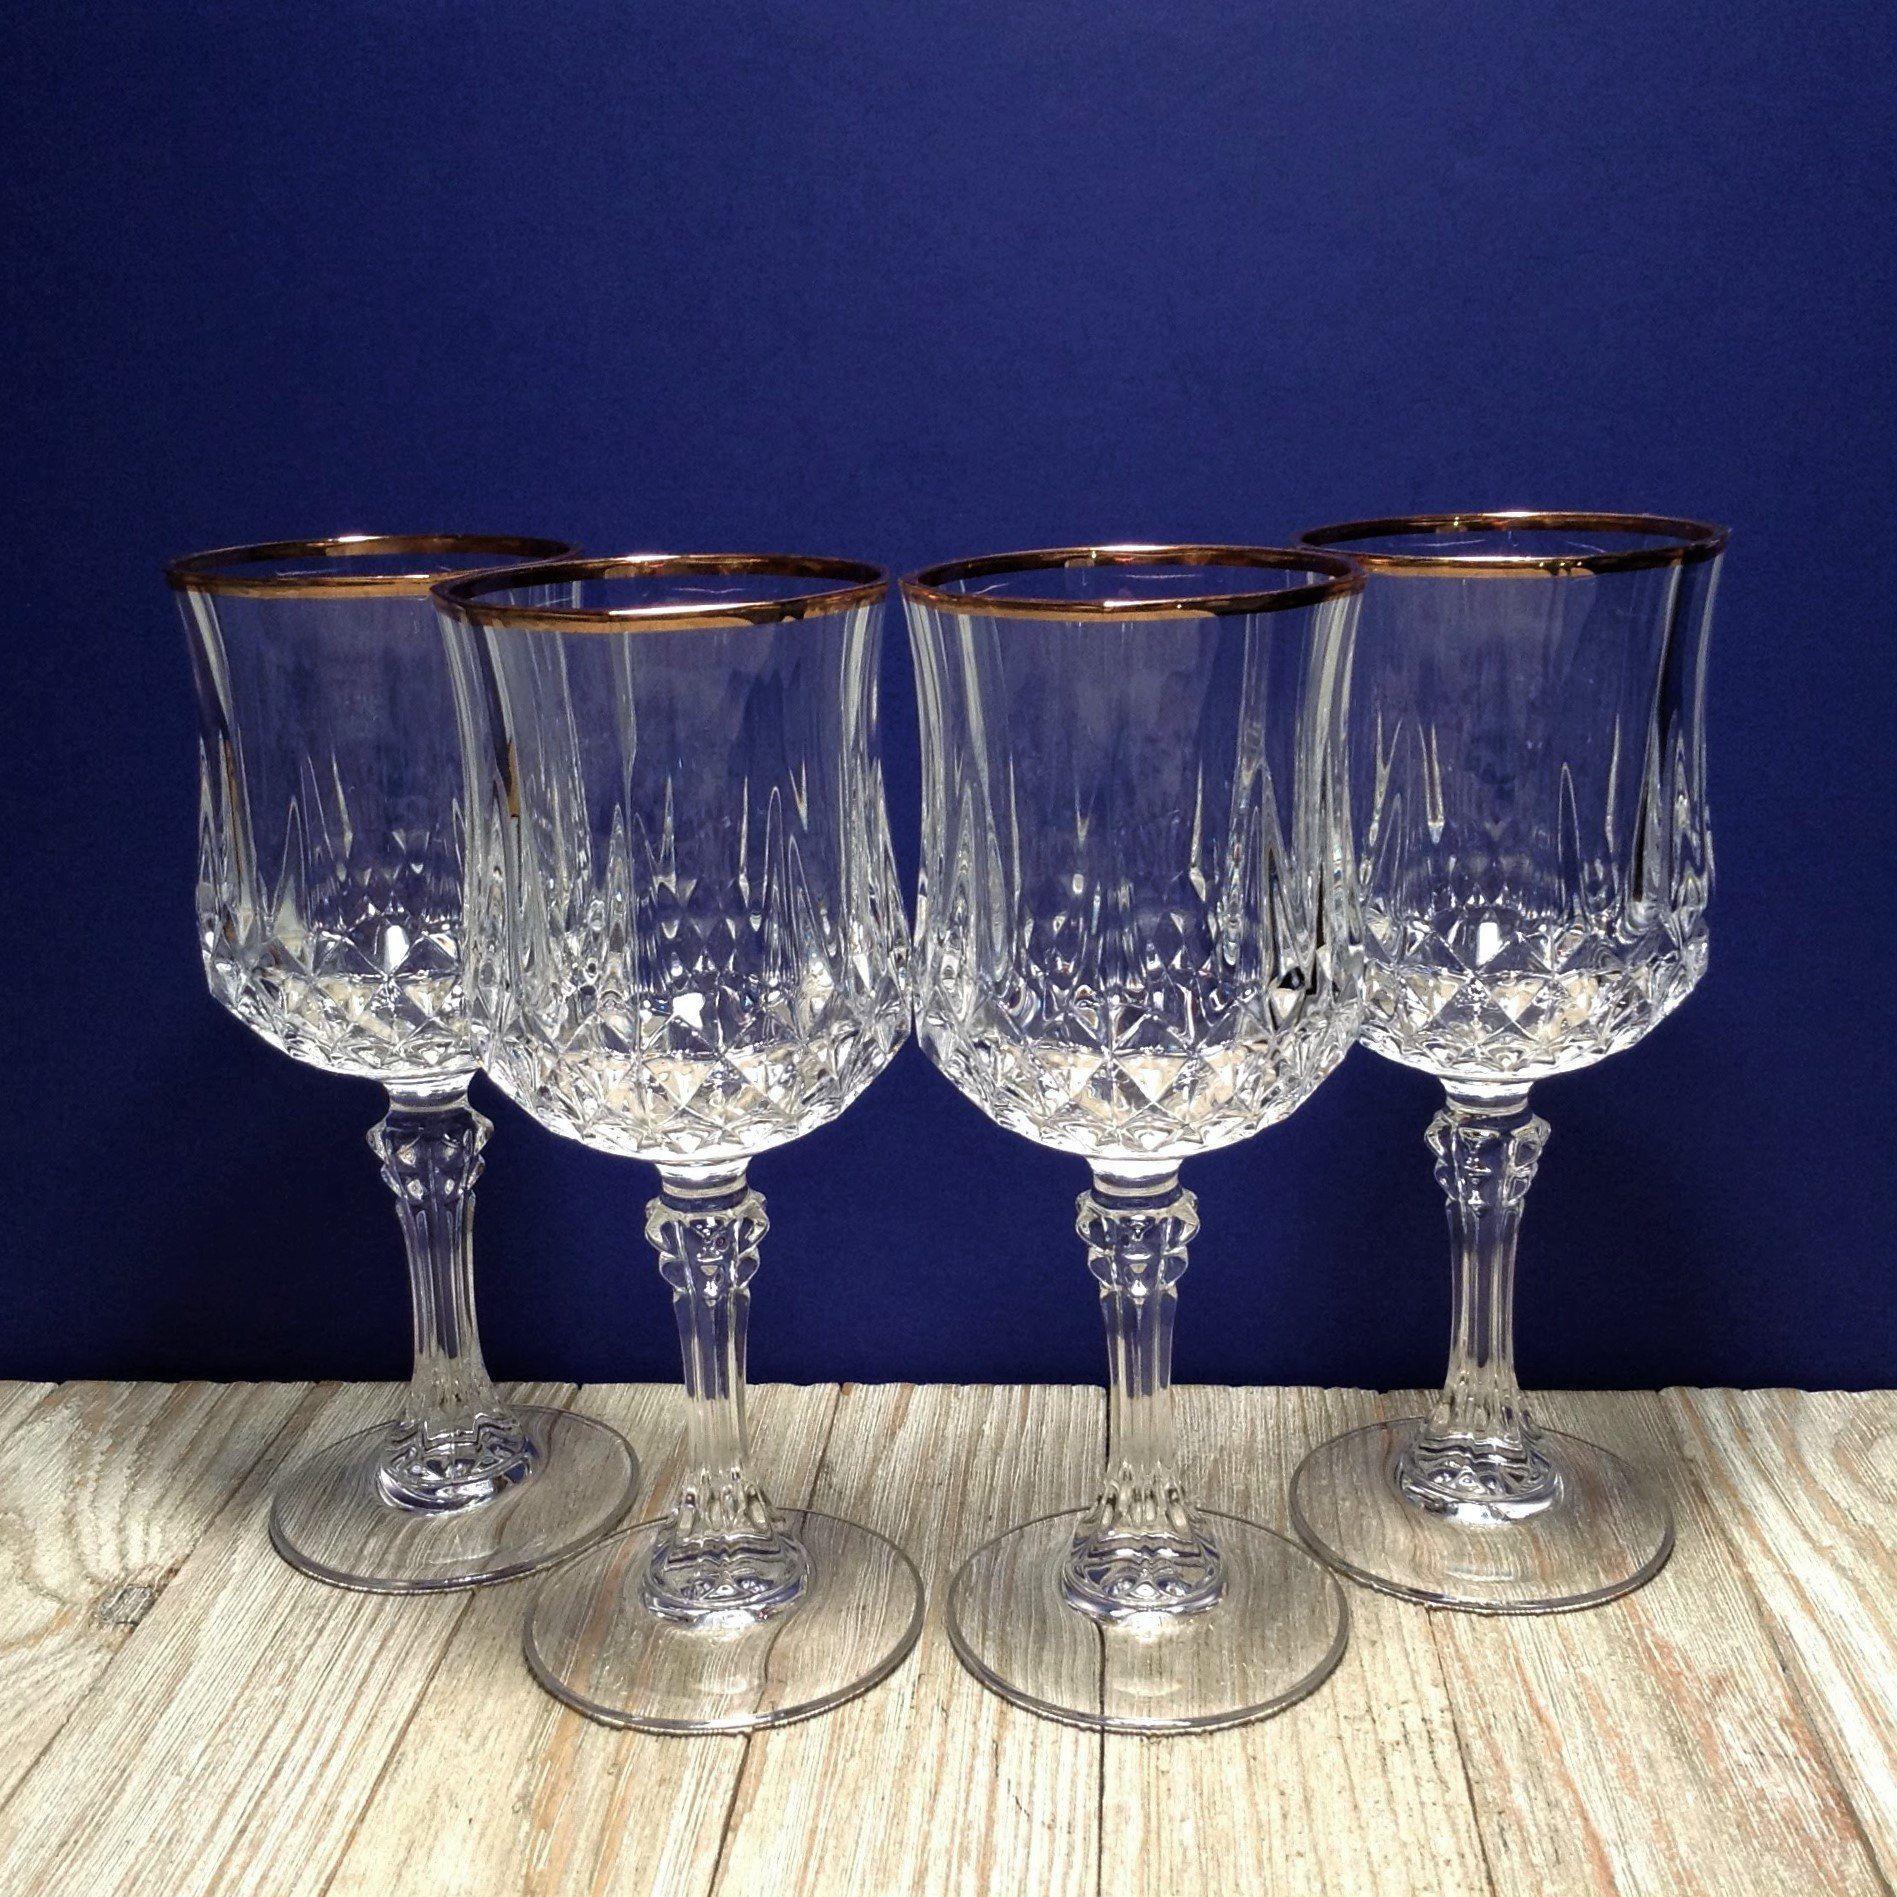 Set Of 4 Longchamp Gold Rimmed Crystal Wine Glasses 6 Oz Vintage Cristal D Arques Lead Crystal Glass Stemware W Gold Rim French Glassware Crystal Wine Glasses Glassware Gold Rims